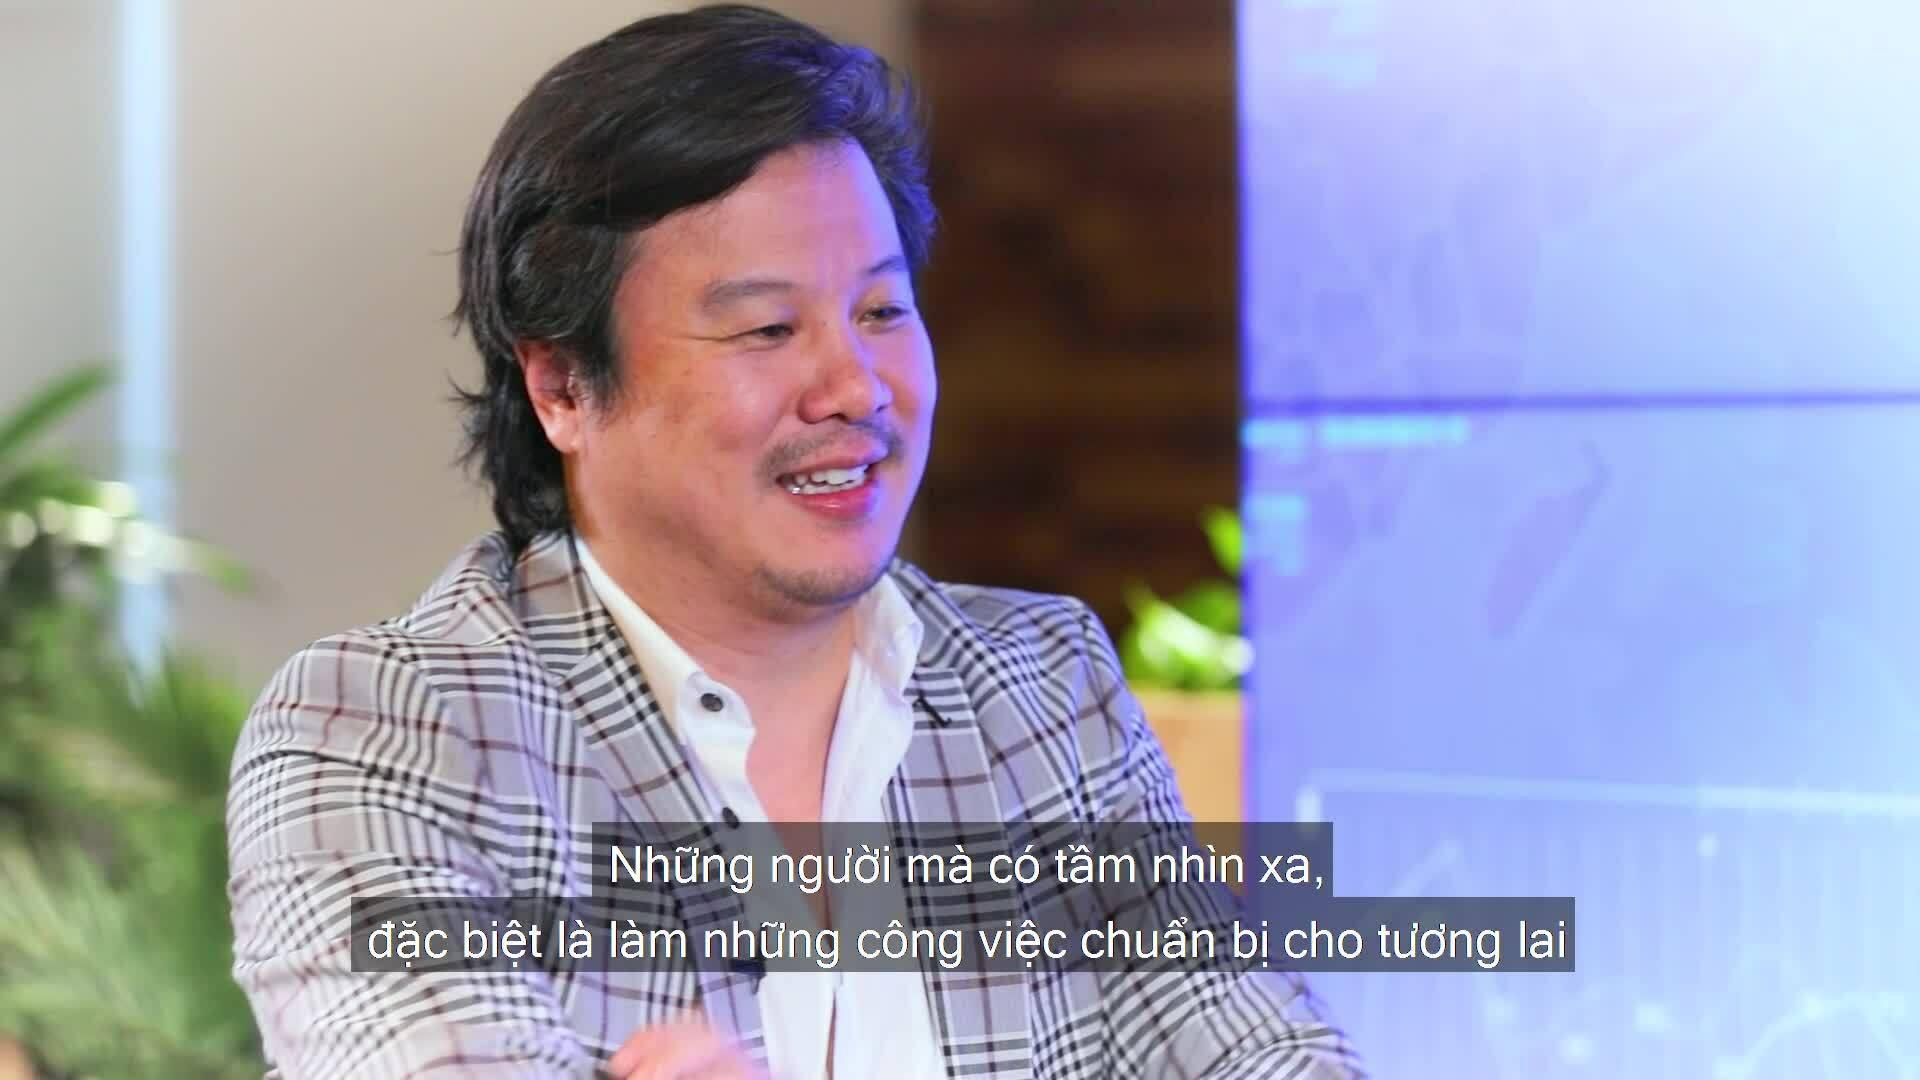 Thanh Bùi kể về lần tạo hit cho BTS